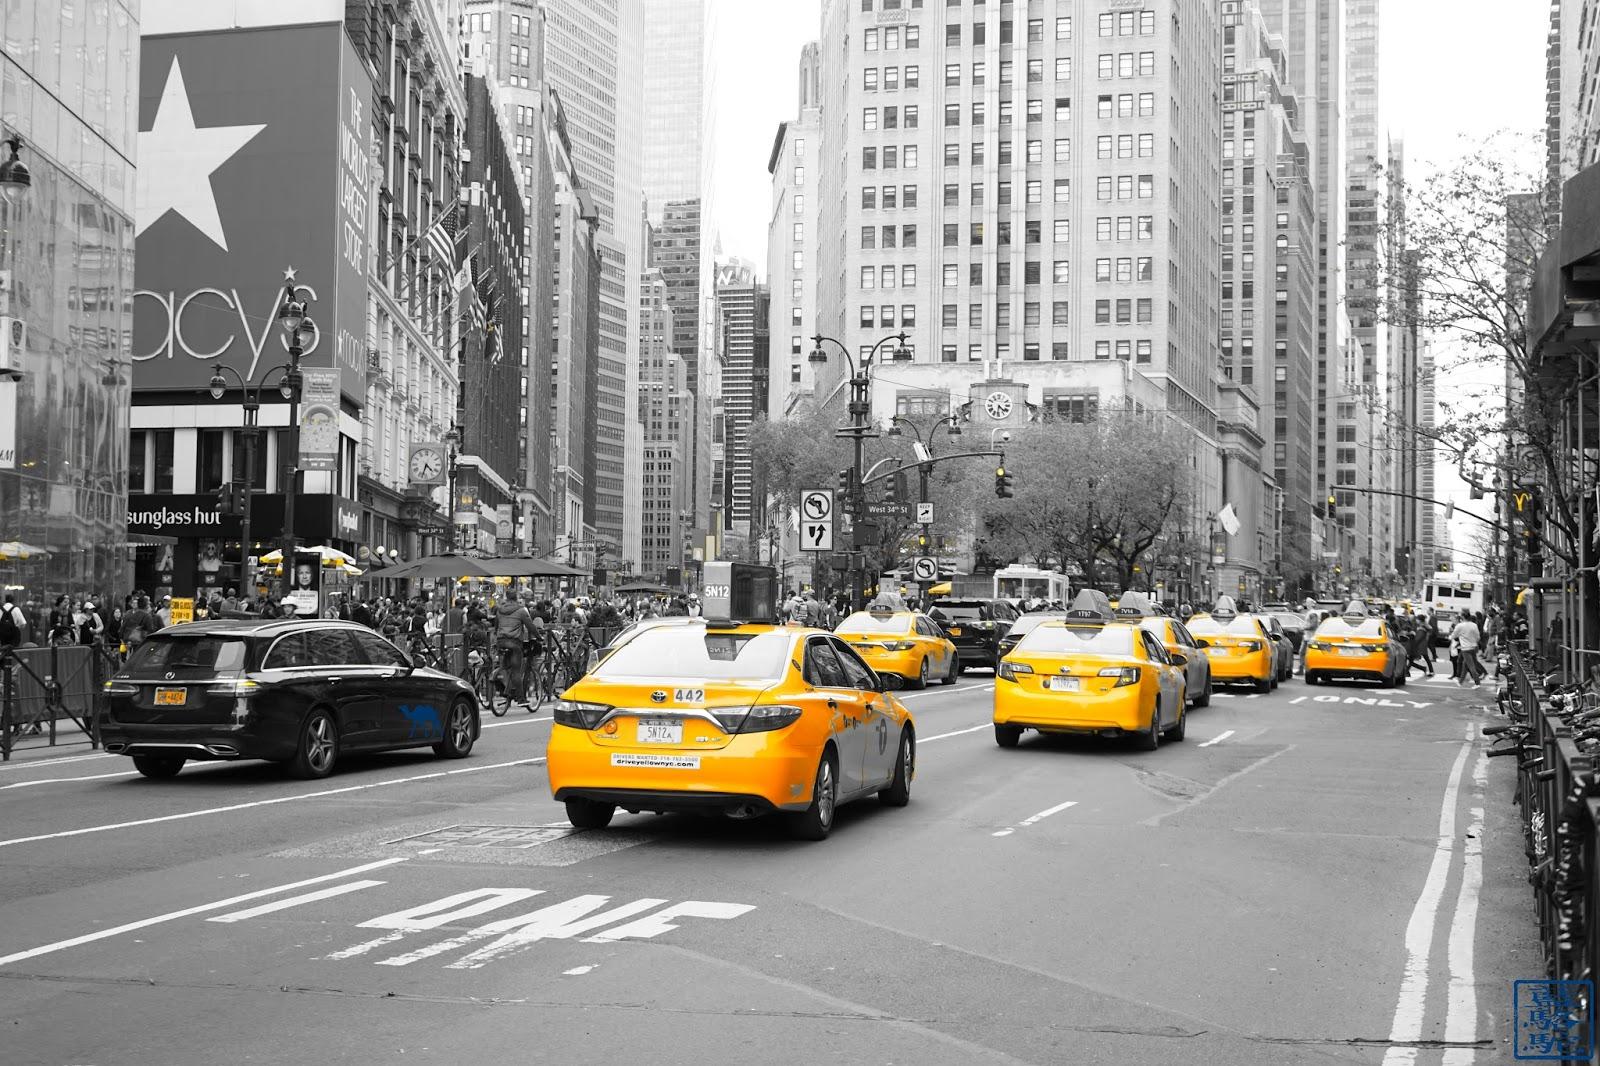 Le Chameau Bleu - Rue de Manhattan - New York USA